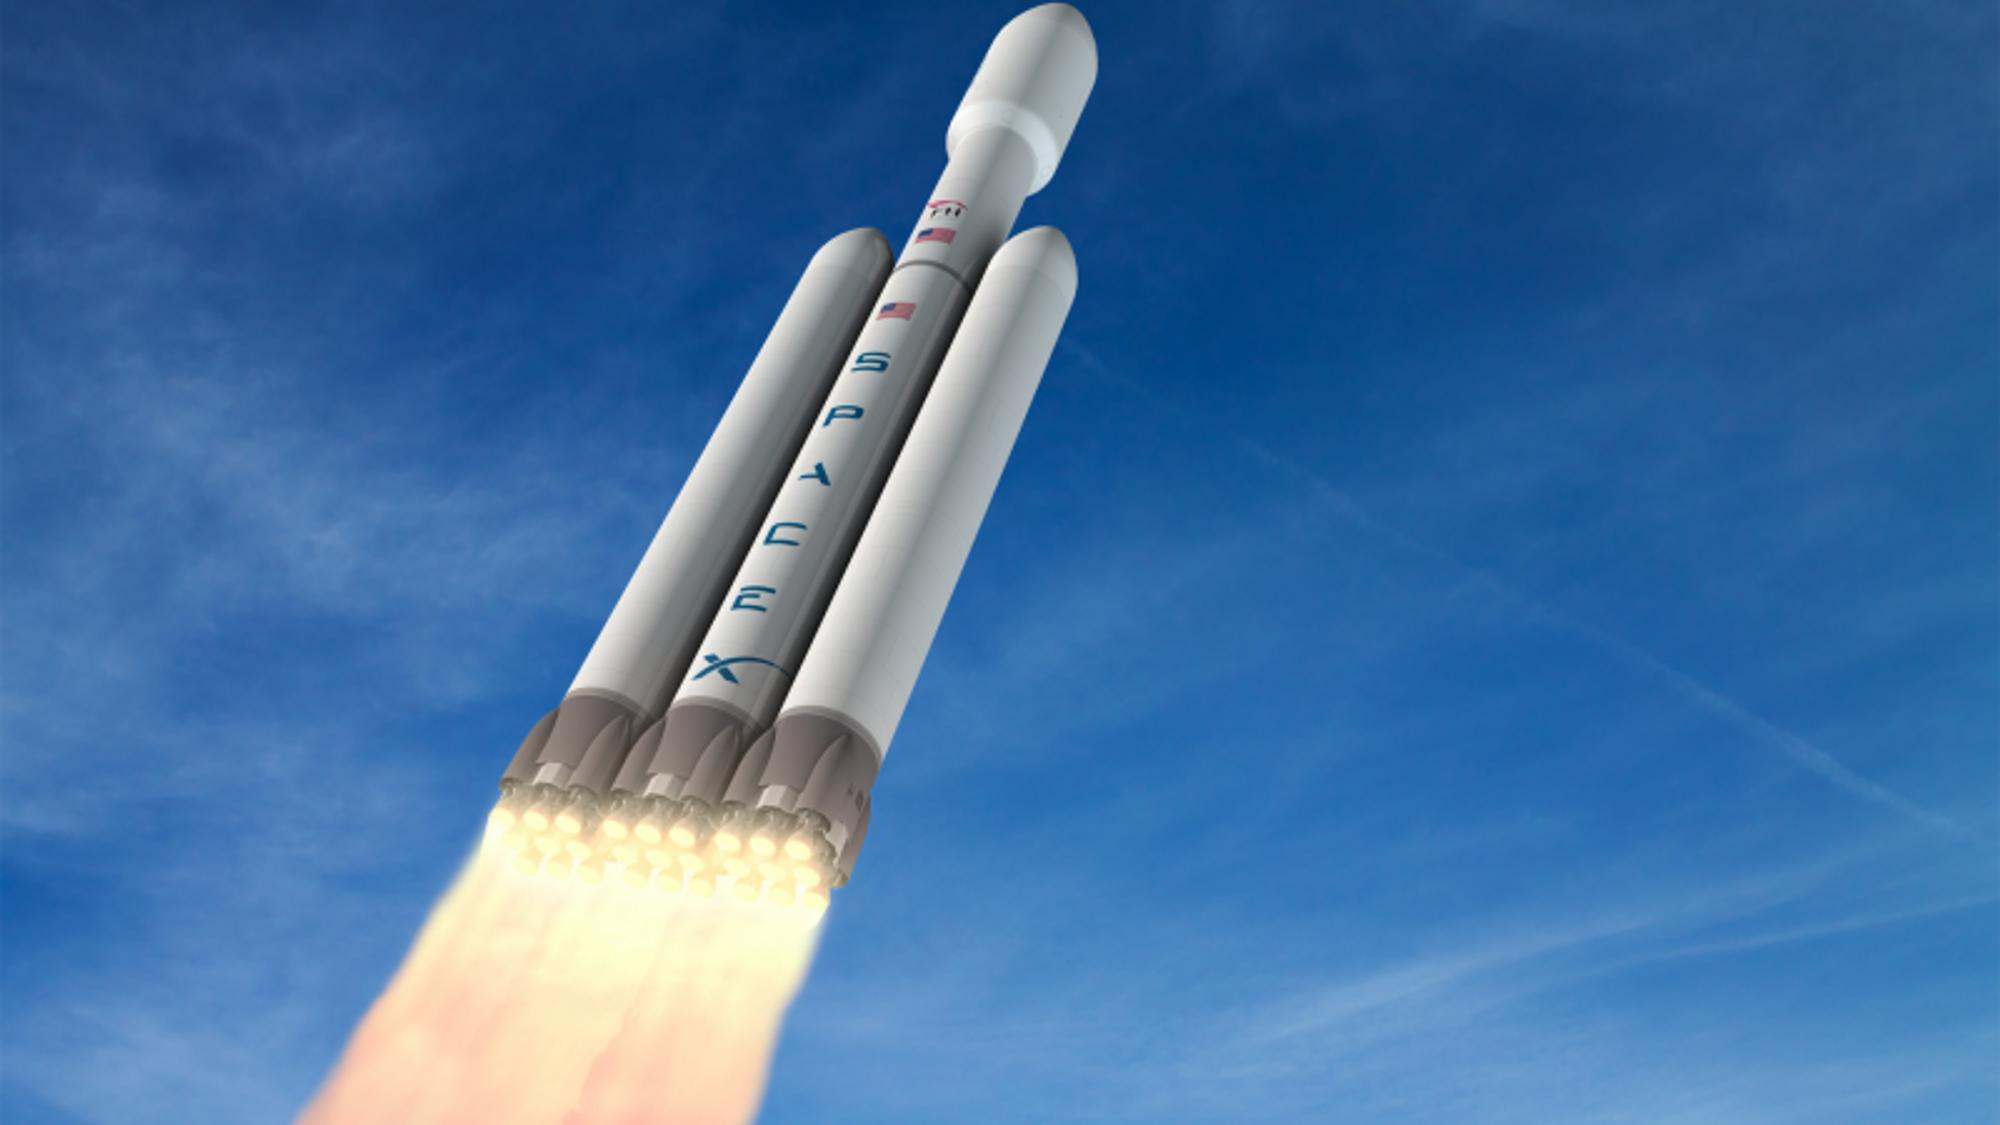 Etter årevis med forsinkelser skal SpaceX' Falcon Heavy-rakett etter sigende blir skutt opp i november.